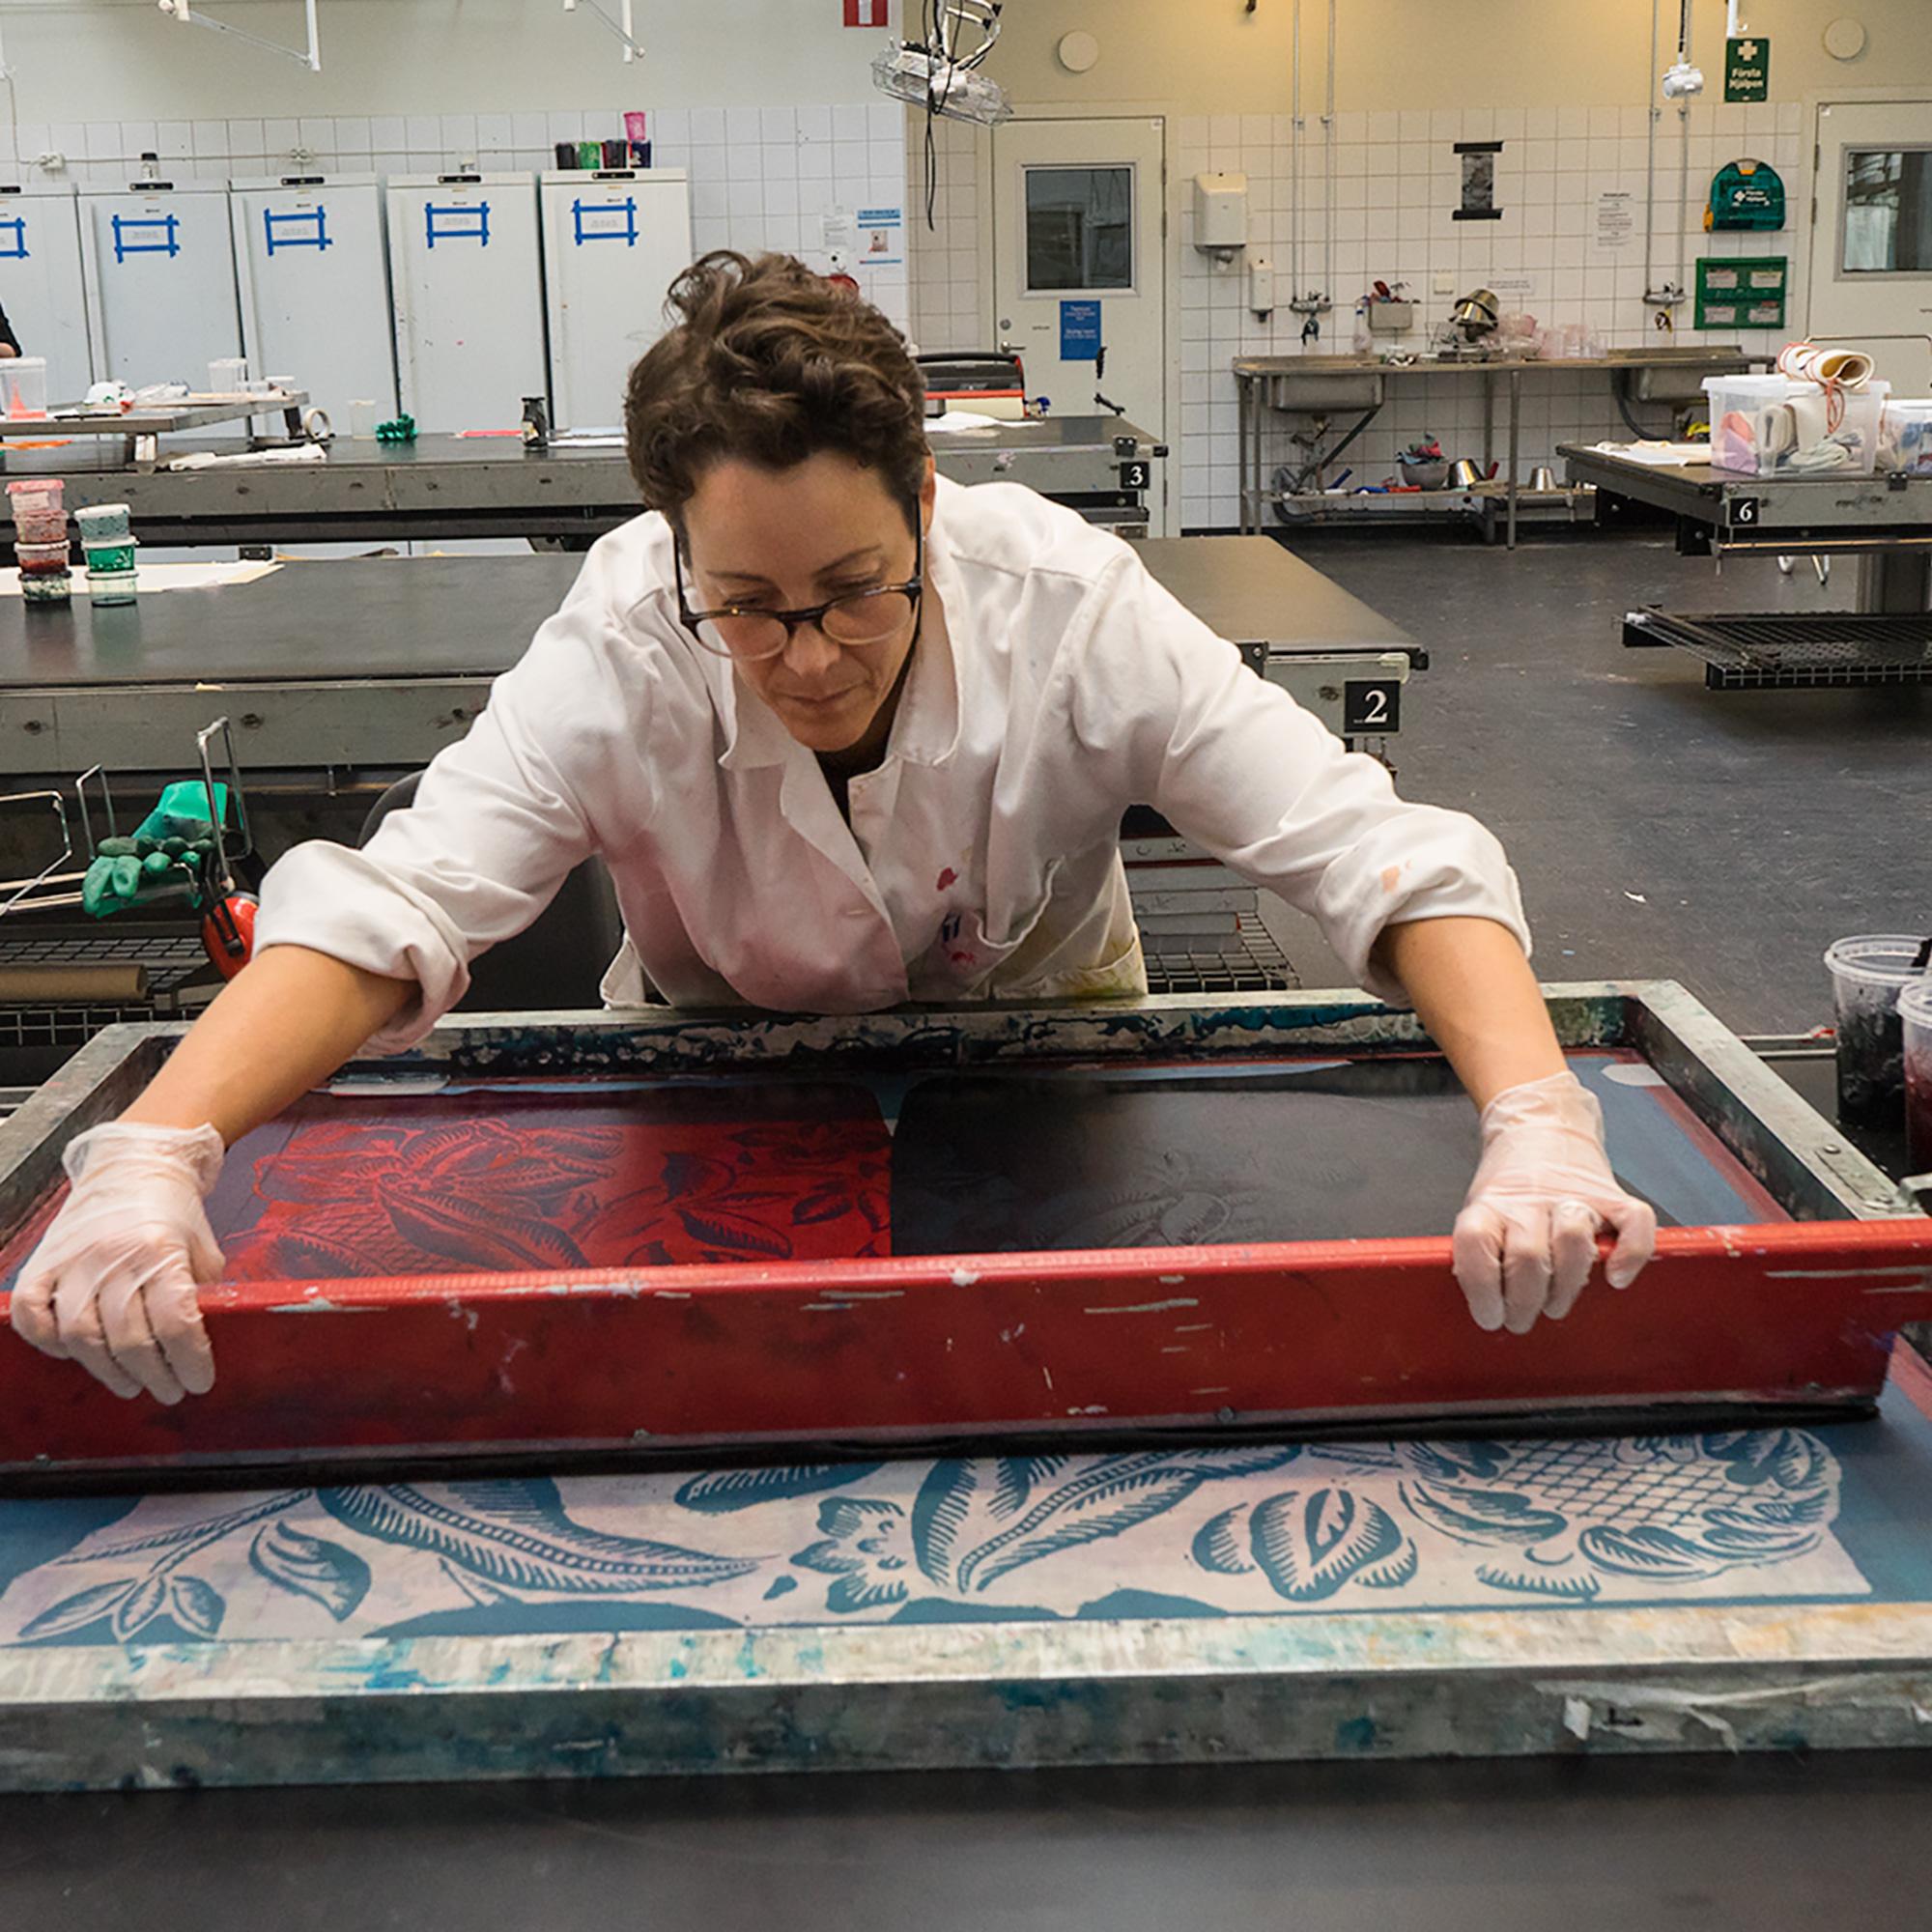 Elsa Chartin arbetar med kattun mönster i en screenram på Konstfack. Foto: Daniela Auerbach